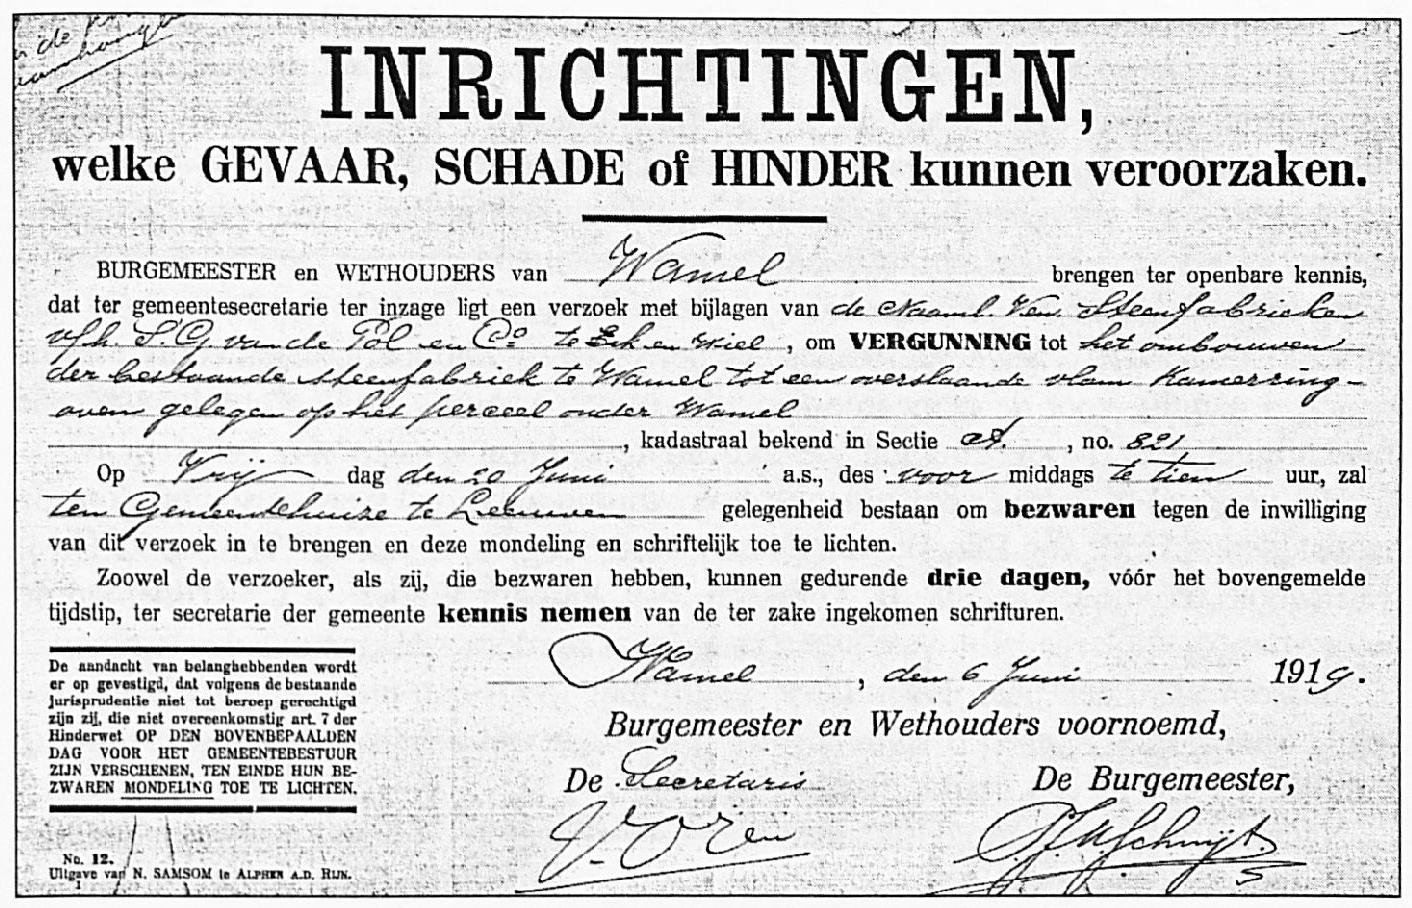 De gemeente had ook begin deze eeuw al te maken met Hinderwetvergunningen, blijkens deze aankondiging die ondertekend werd door burgemeester Schuijt. Het ging over de nieuw te bouwen vlamoven van de Wamelse Steenfabriek.